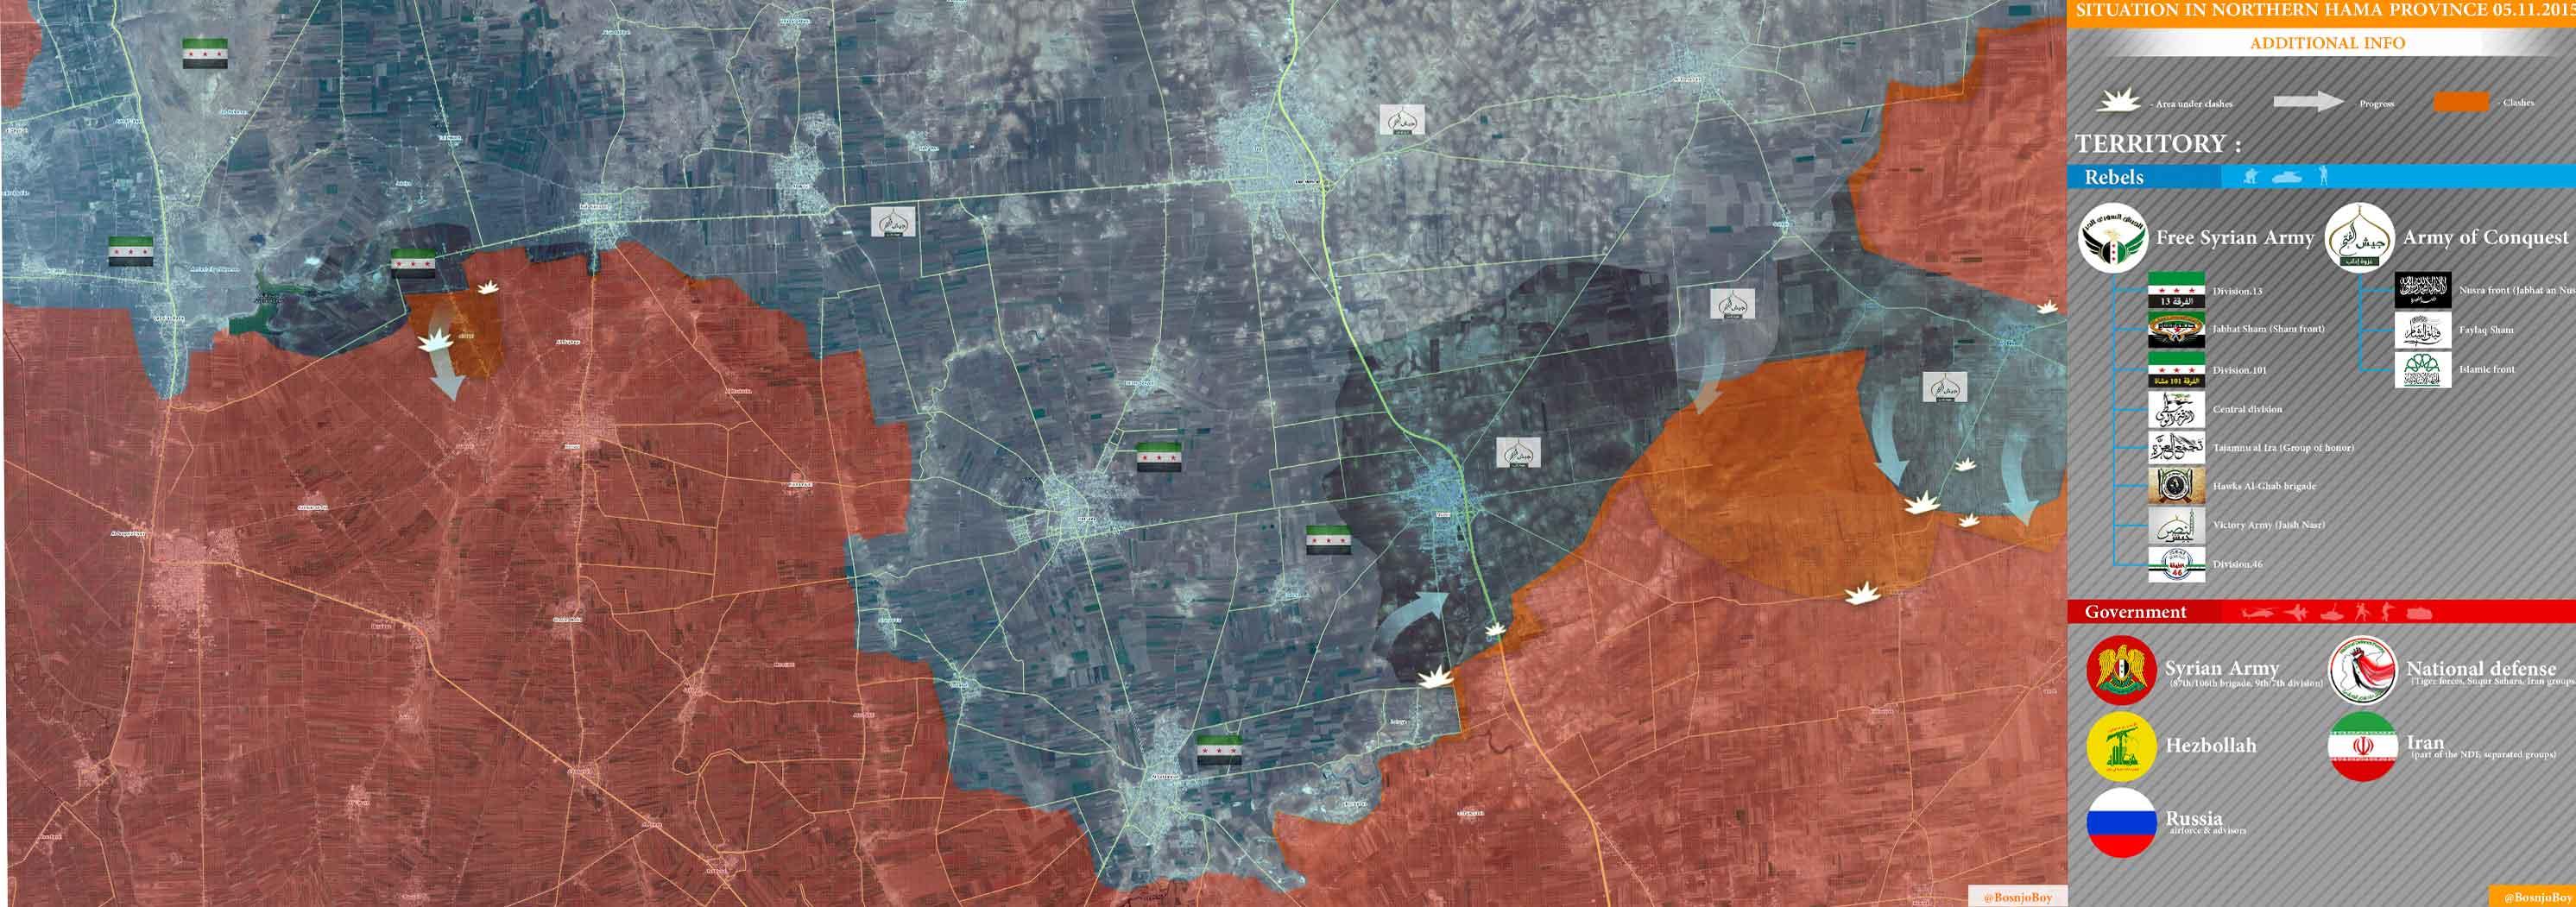 Карта провинции Хама, новые завоевания оппозиции, направления наступления